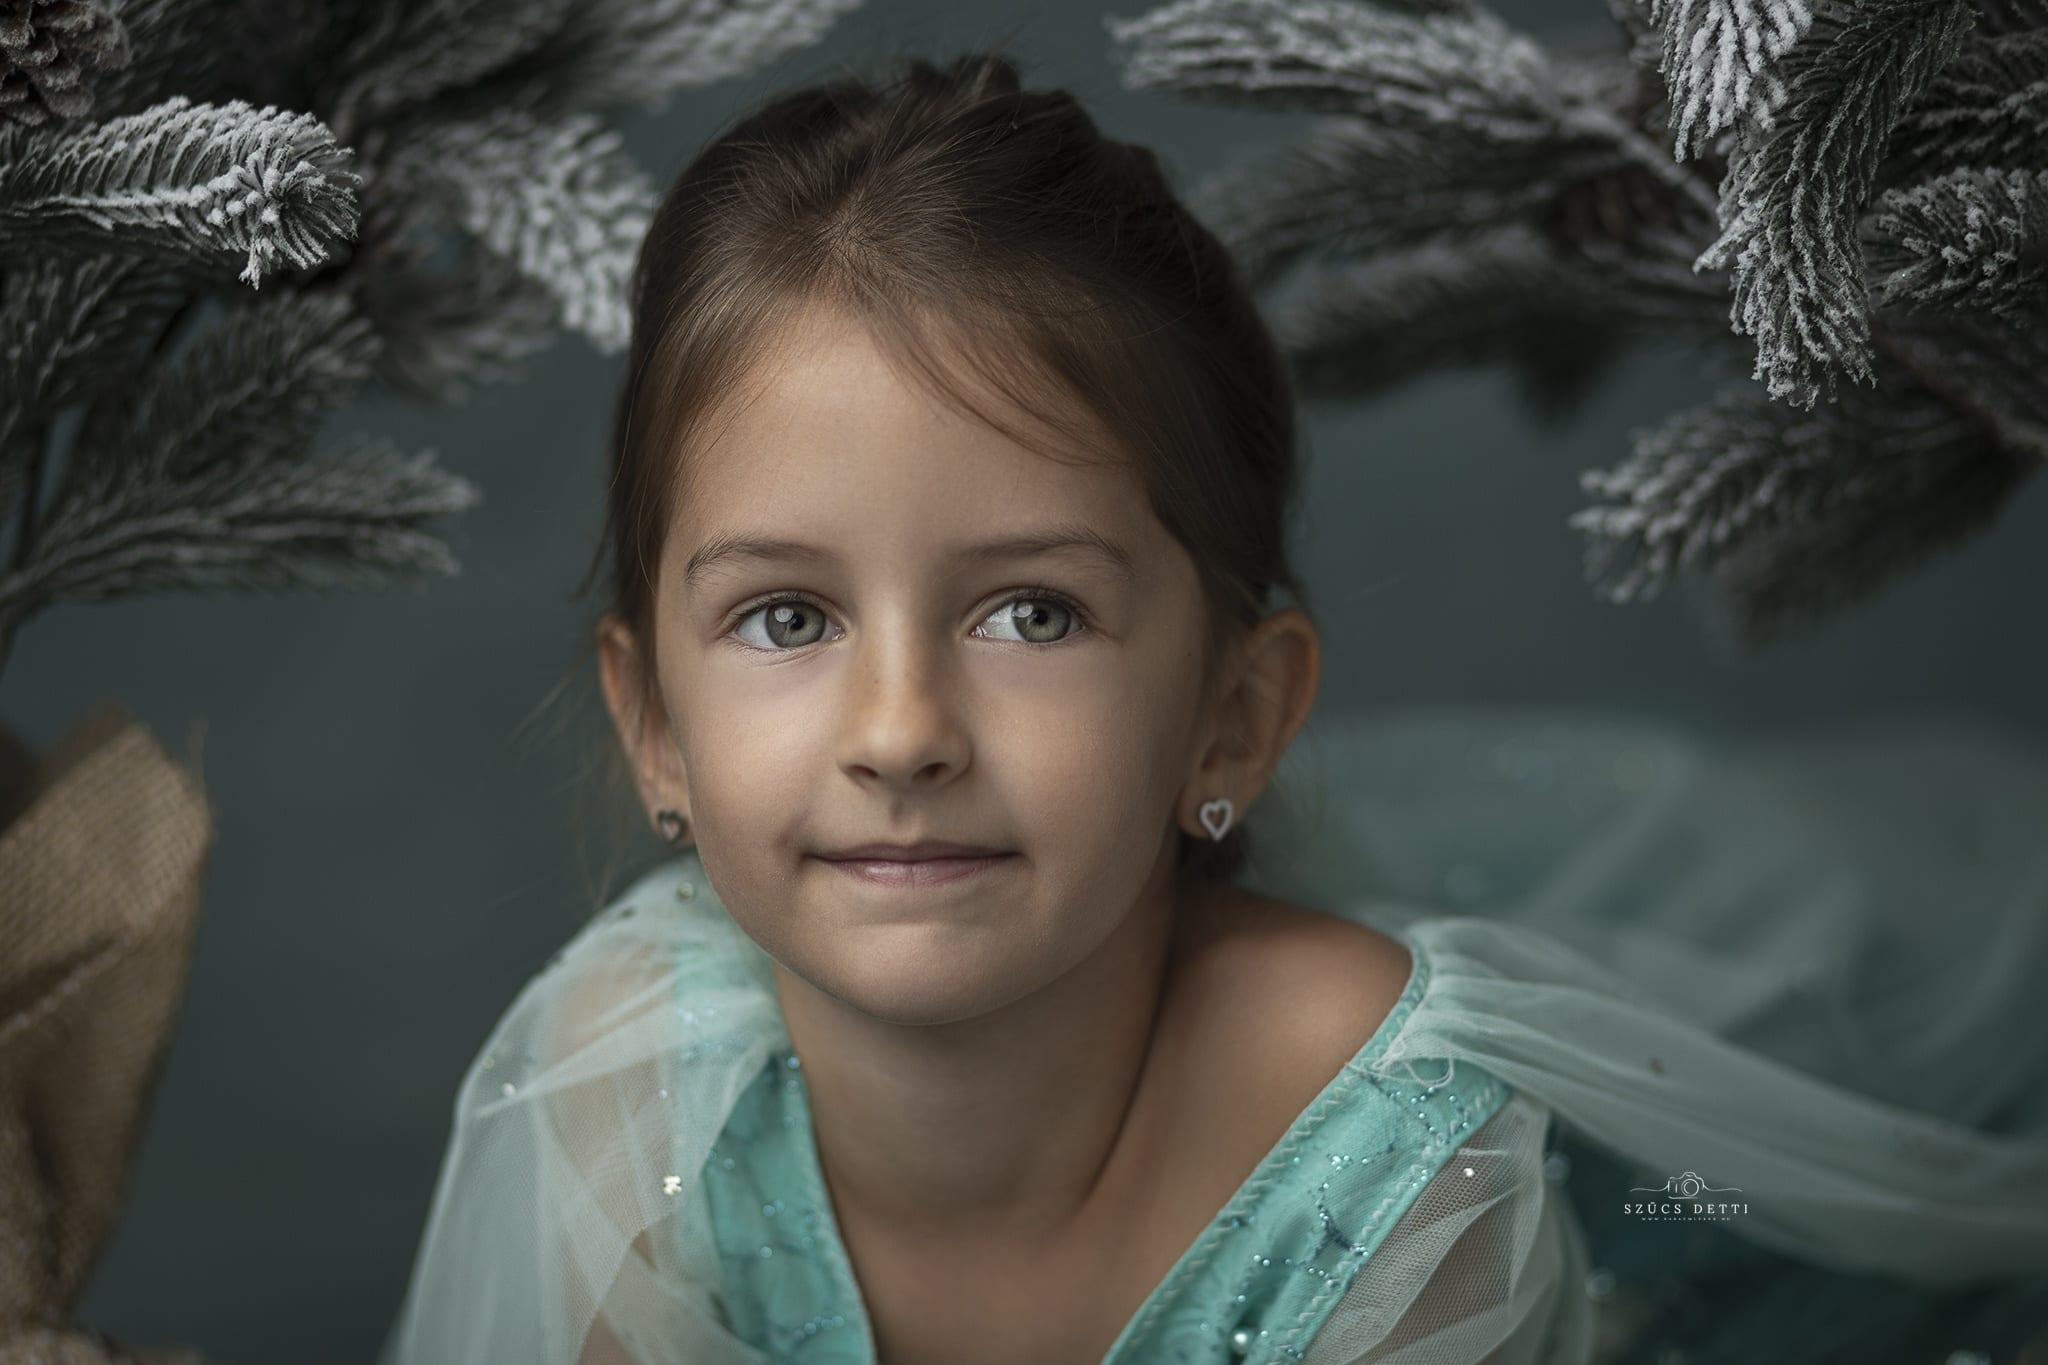 Hercegnős gyerek portré fotó Budapest babaemlekek.hu